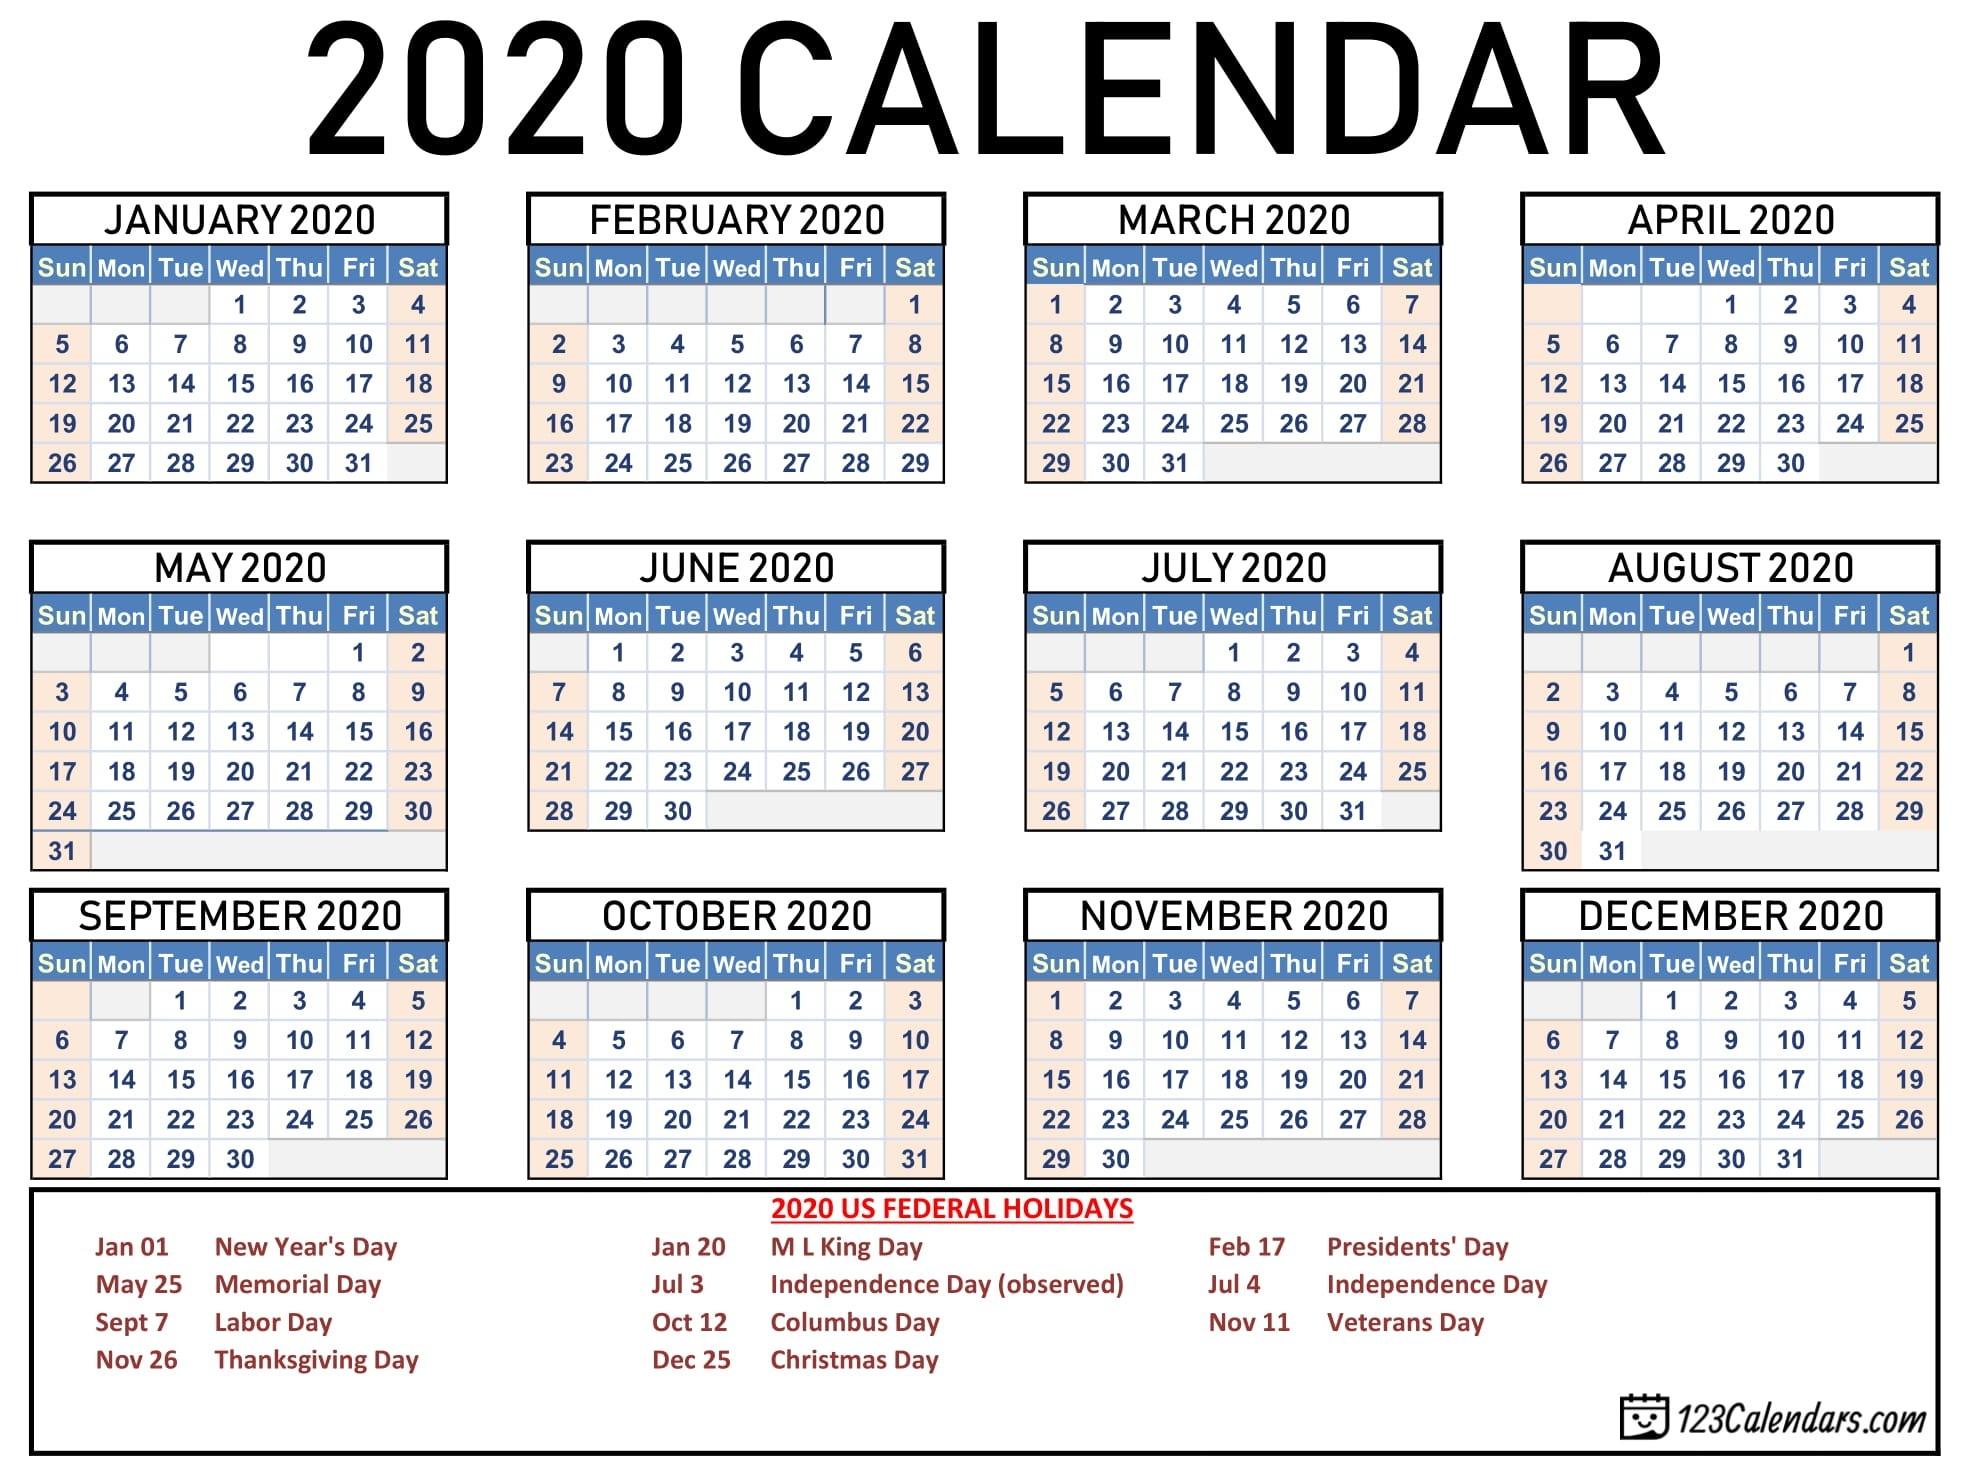 Free Printable Year 2020 Calendar | 123Calendars-2020 Calendar With Holidays Listed